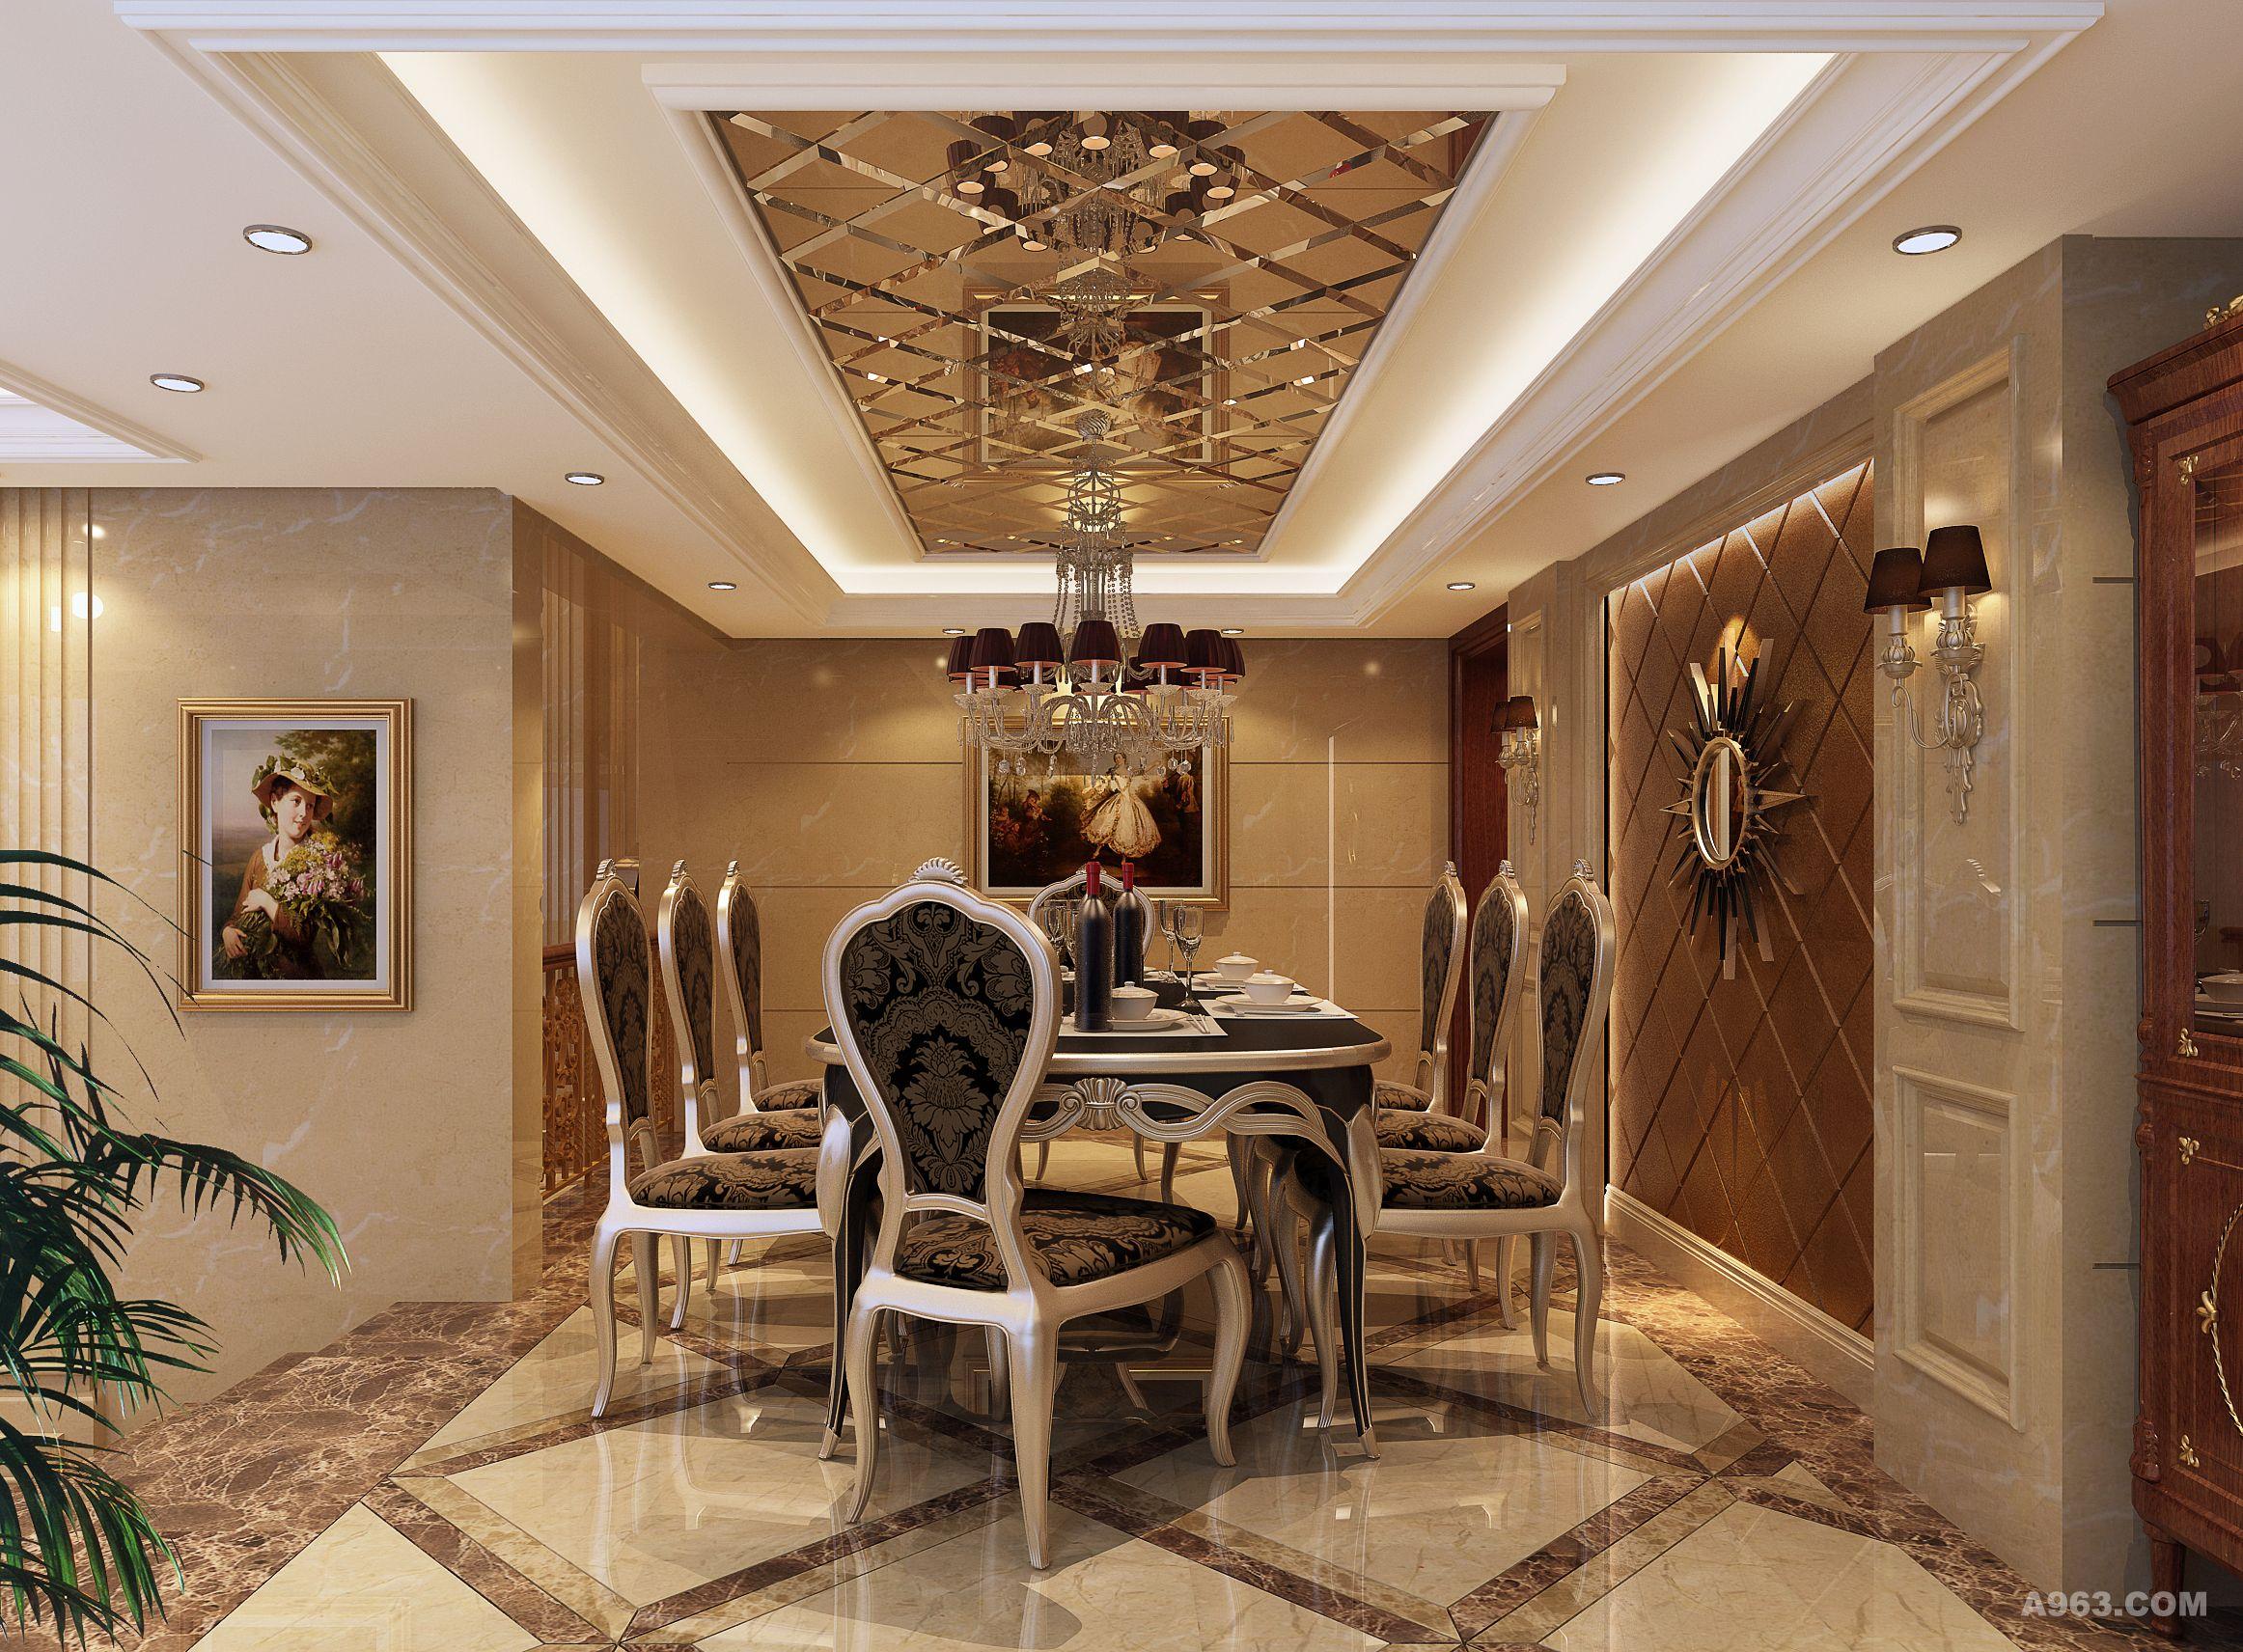 """项目名称:私人墅装 项目地址:中国岳阳 设计师:张欣 建筑面积:650 主要用材:米黄石材、橡木地板、墙布、花地毯、金镜、  私人别墅,位于城市边缘,已远离都市的繁华喧嚣,设计师选择""""欧式·古典·奢华""""作为这个私家官邸的主要设计元素,还主人一个闪亮的奢华之梦。"""